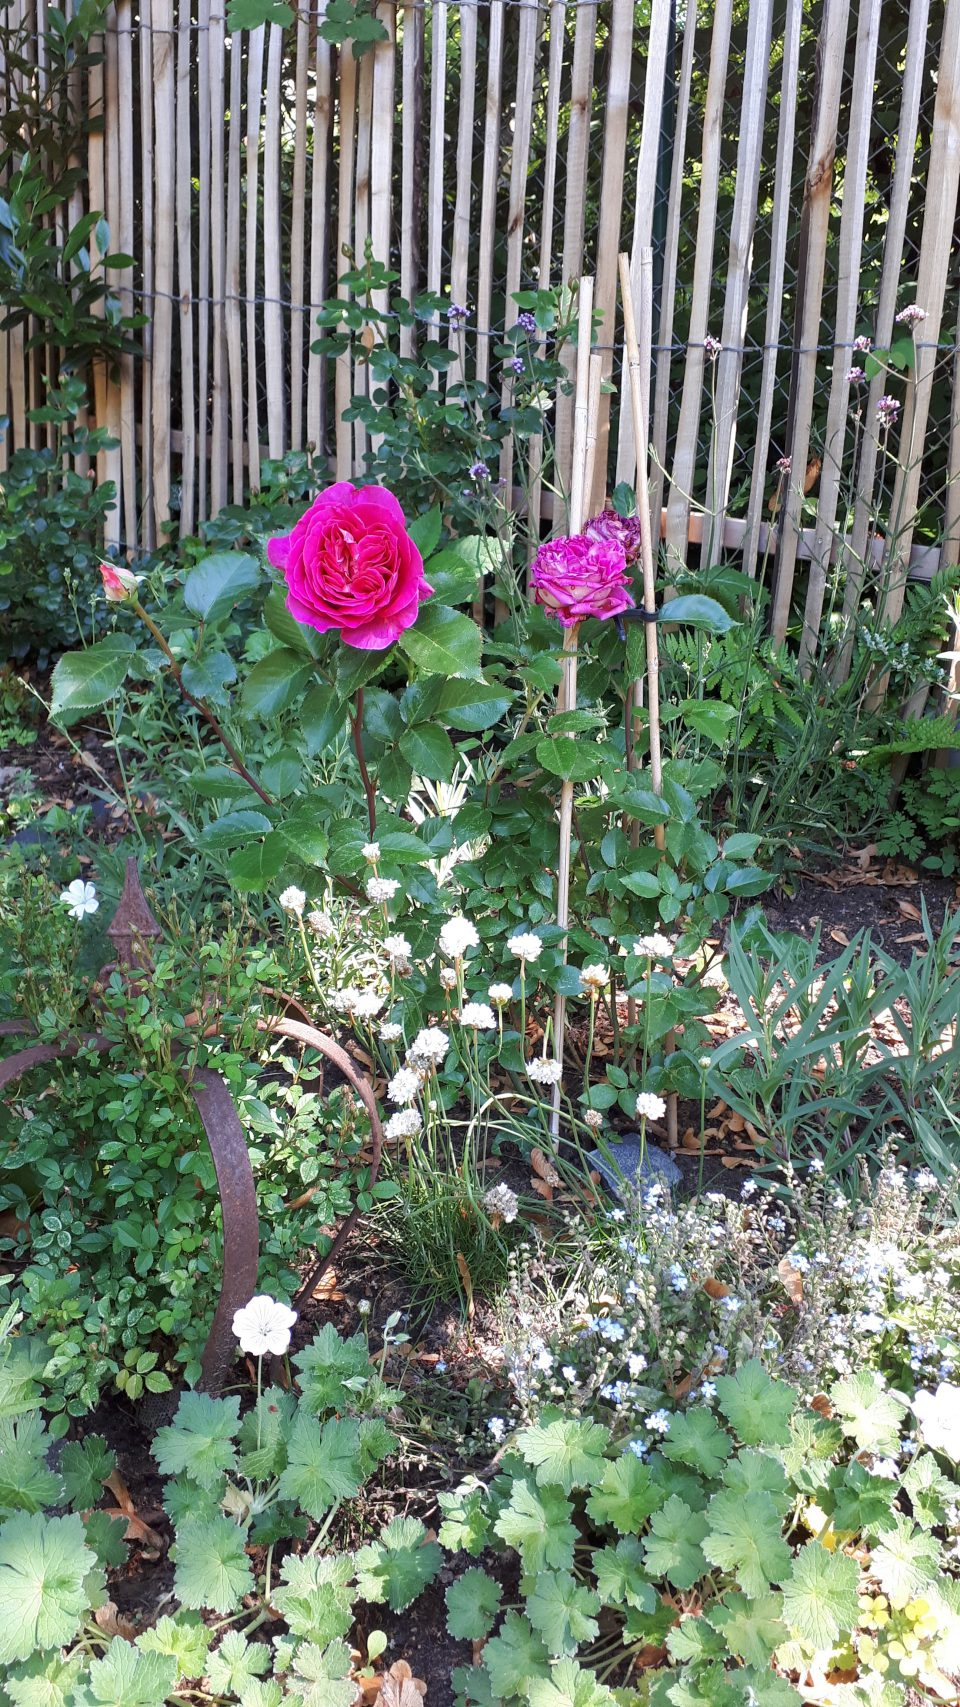 Die Duftrose Chartreuse de Parme mit Rosenbegleitern.